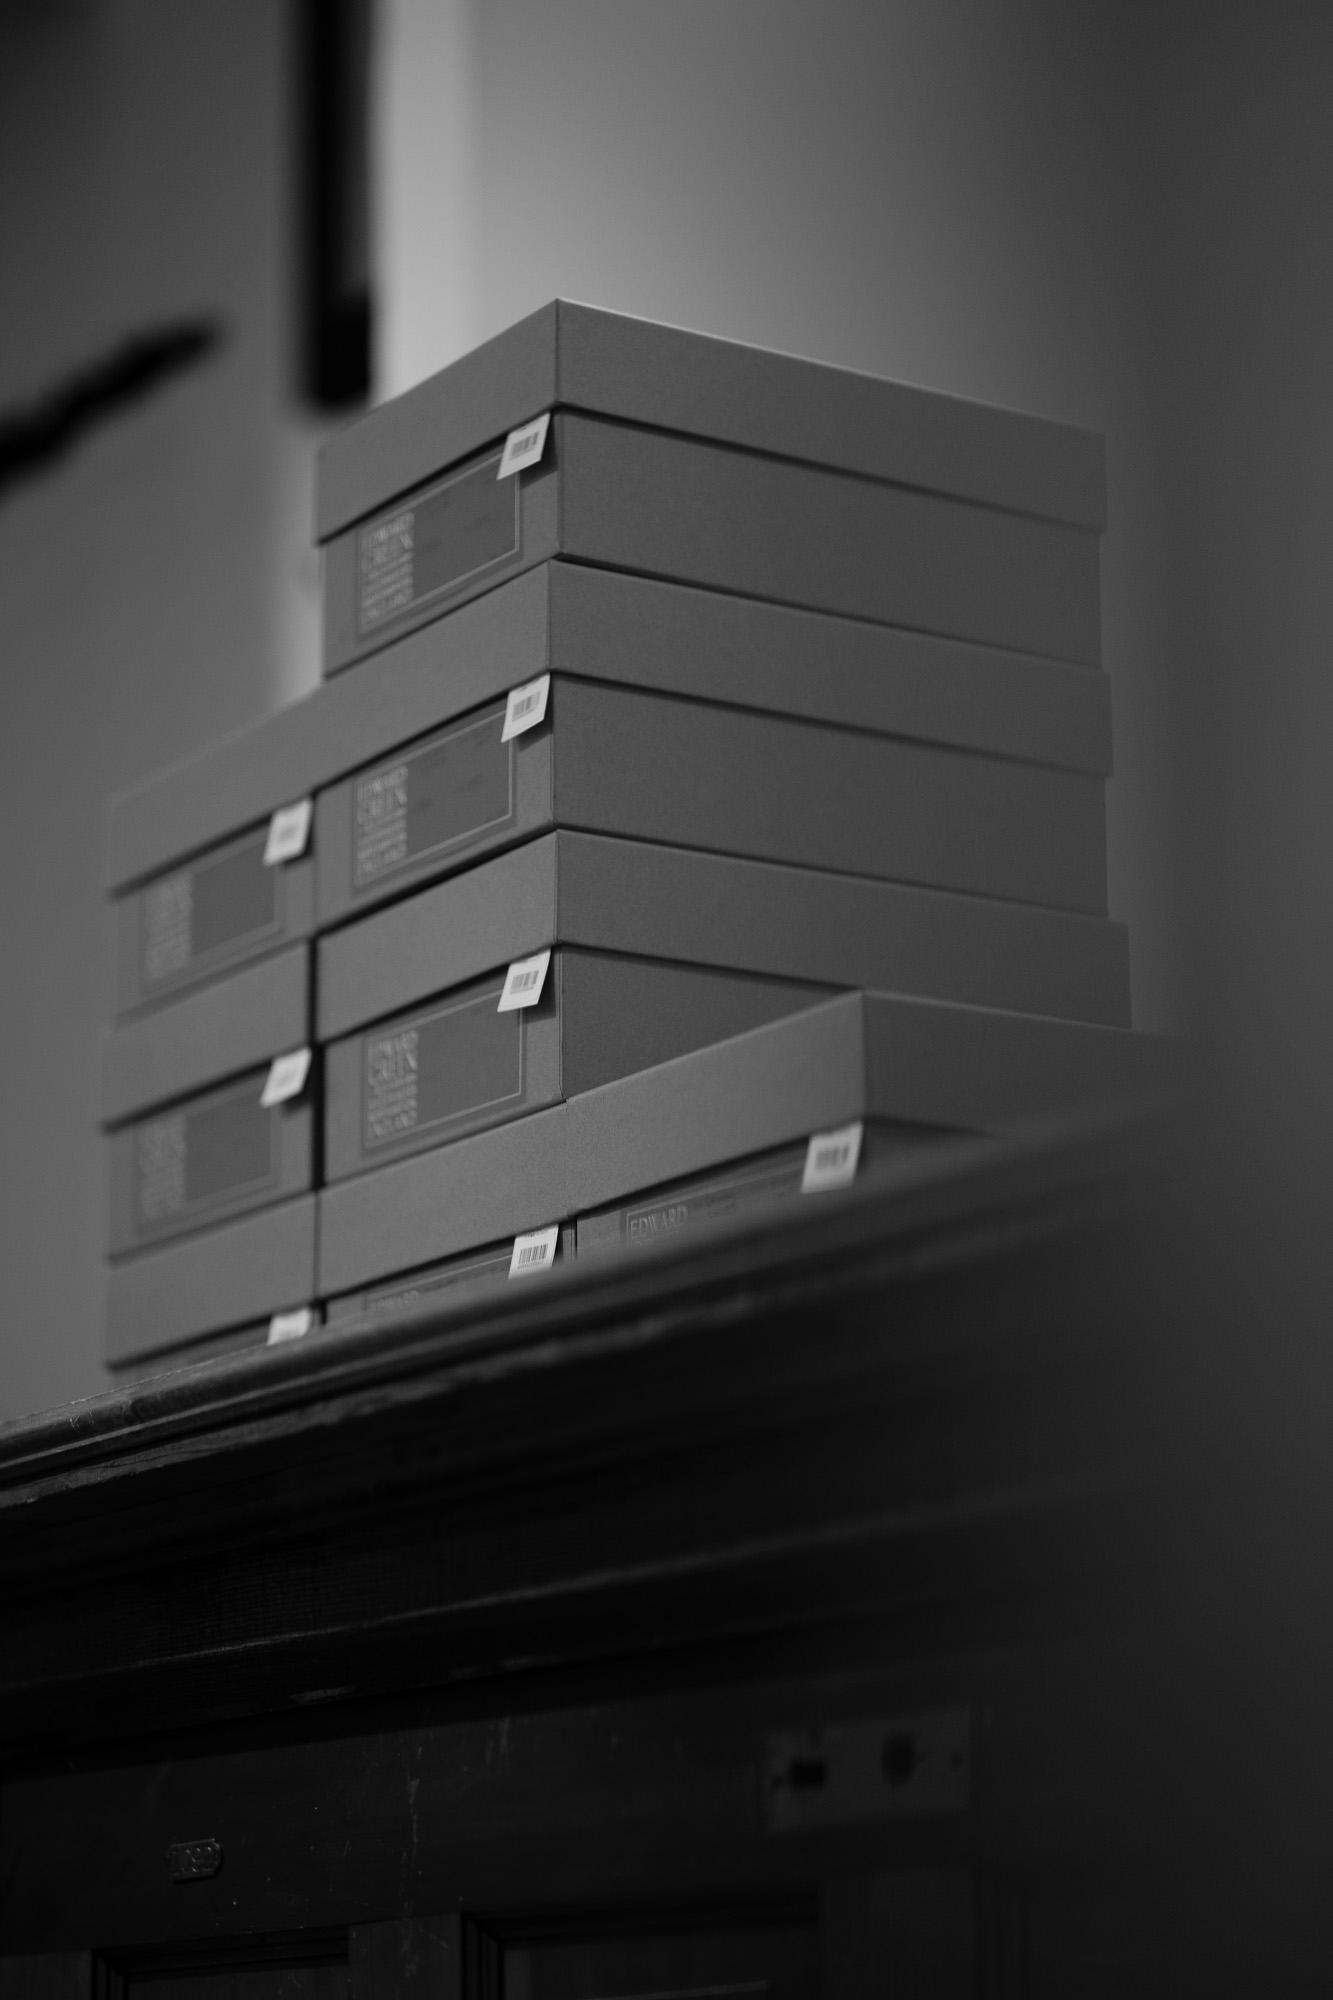 EDWARD GREEN (エドワードグリーン) GALWAY (ゴールウェイ) 82LAST E Lace up boots Black Calf ブラックカーフレザー レースアップブーツ BLACK (ブラック) Made In England (イギリス製) 2021 秋冬 愛知 名古屋 Alto e Diritto altoediritto アルトエデリット 5E,5.5E,6E,6.5E,7E,7.5E,8E,8.5E,9E,9.5E 222,200円